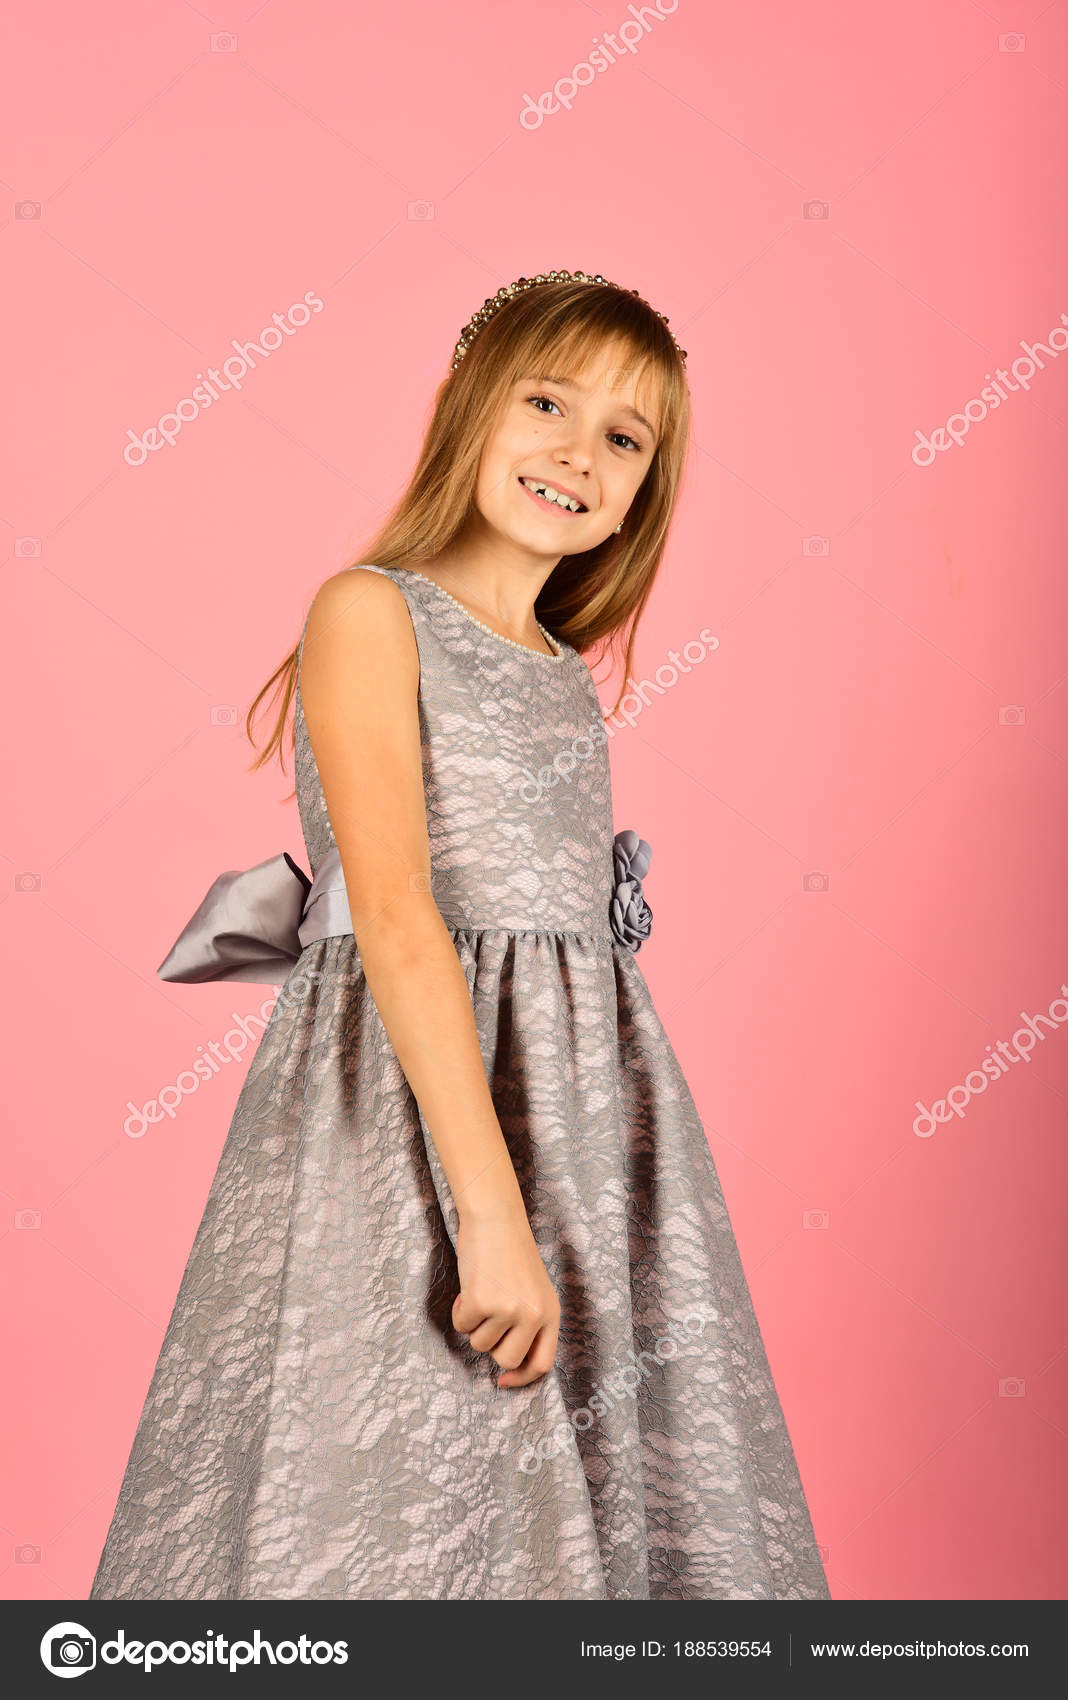 Kind Mädchen im stilvollen Glanz Kleid, Eleganz. Aussehen, Friseur ...